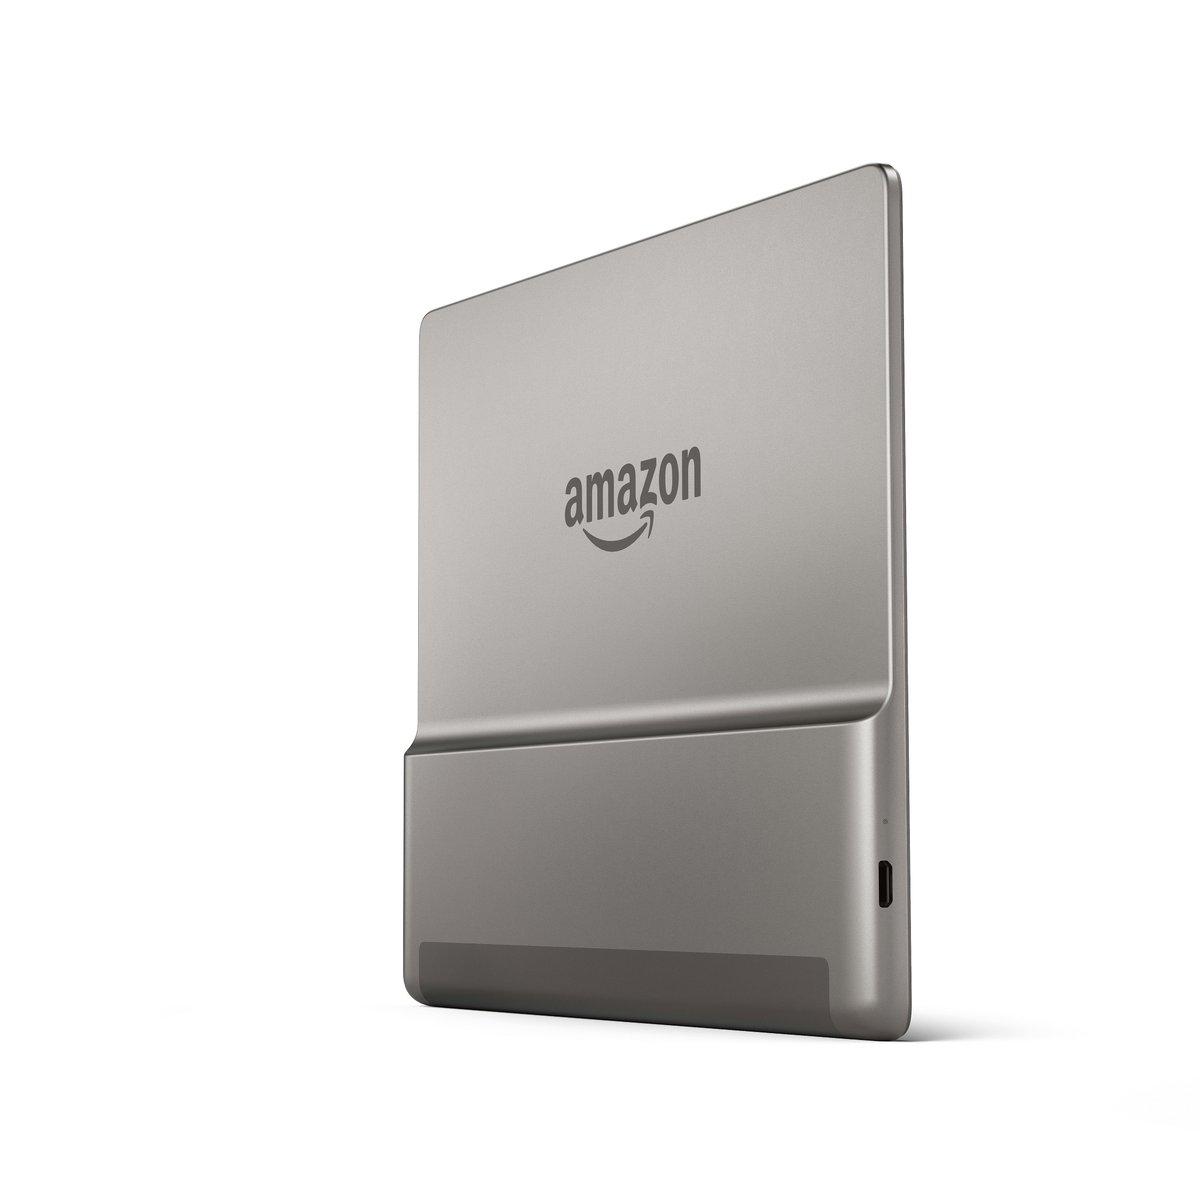 أمازون تكشف عن نسخة جديدة من Kindle Oasis بشاشة أكبر و معايير لمقاومة الماء